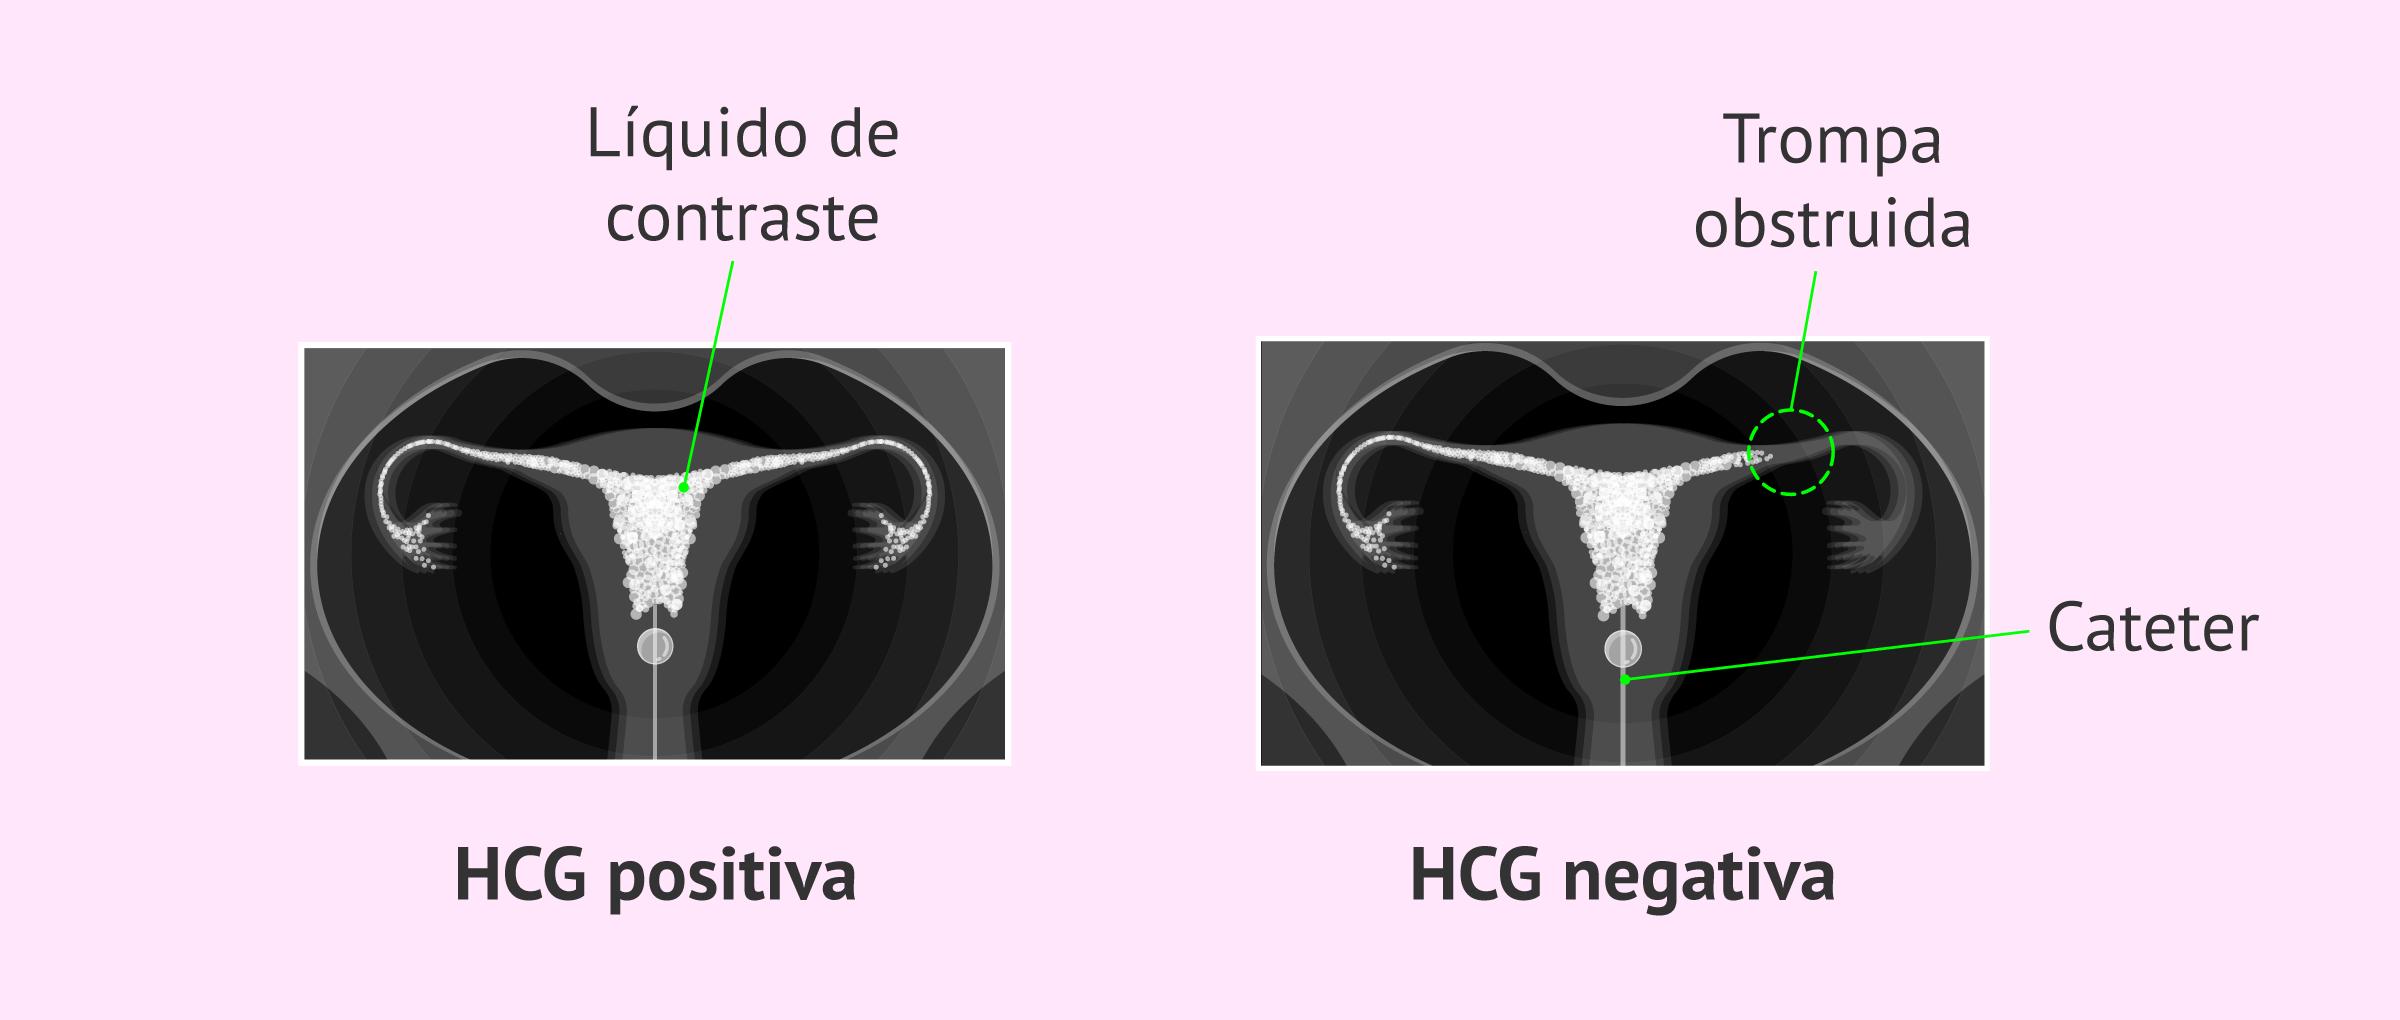 La histerosalpingografía: preparación, procedimiento y precio